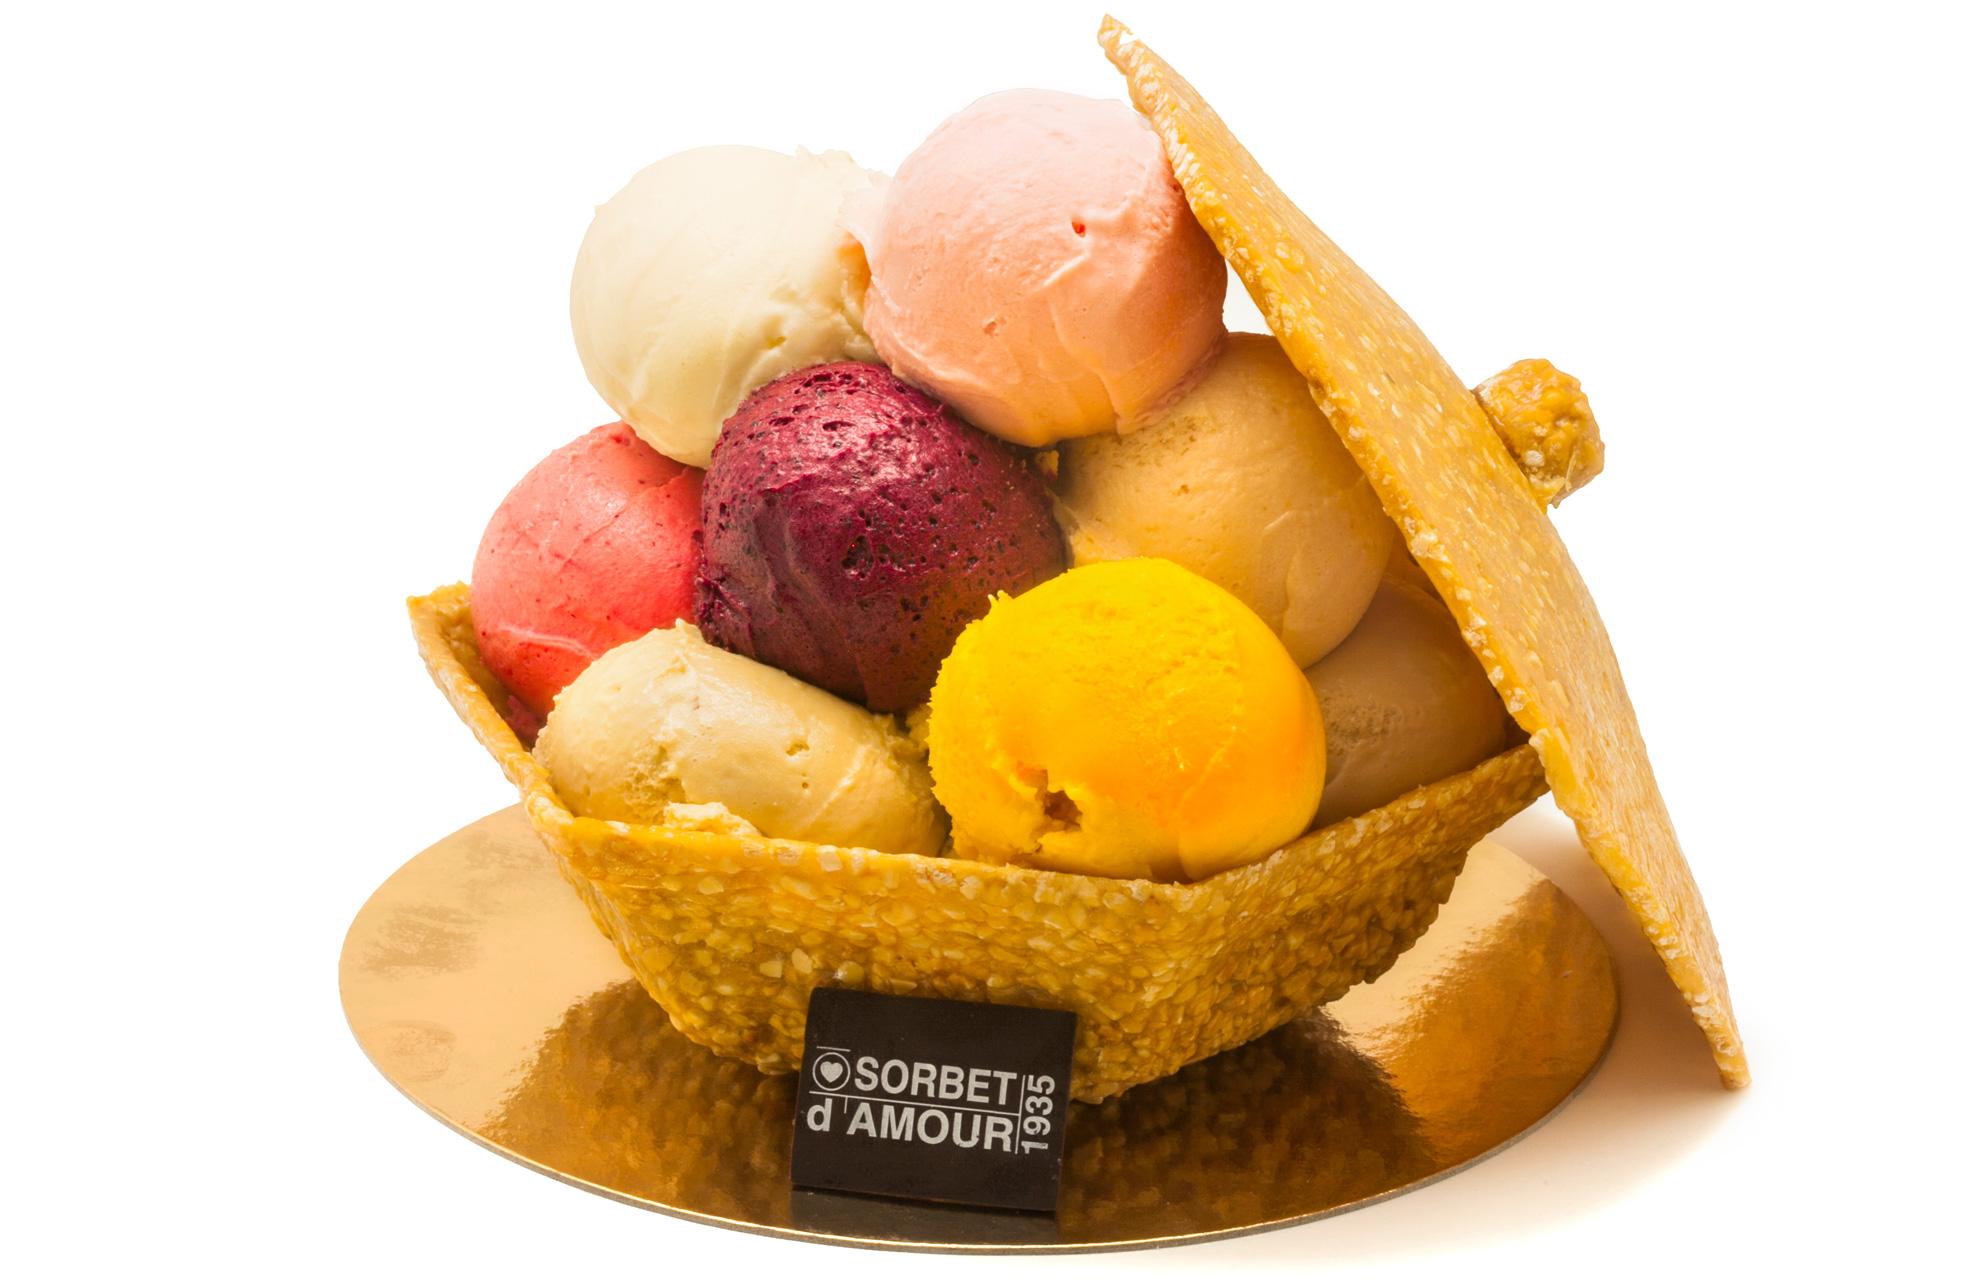 Sorbet amour glaces arcachonnaise